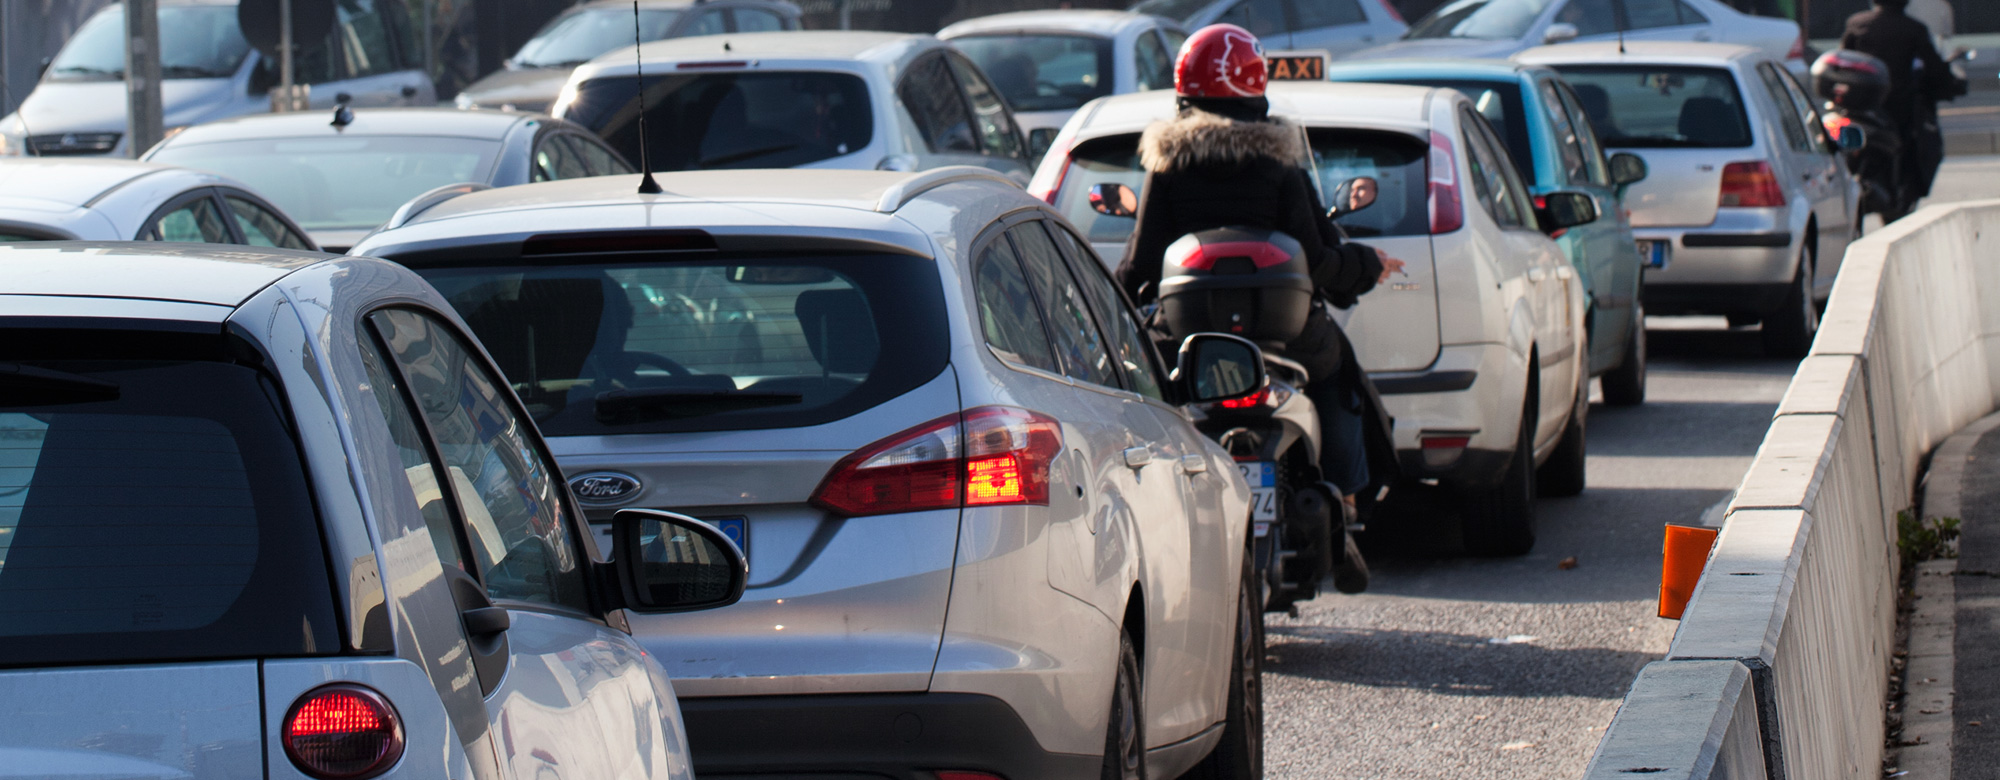 Regione Lombardia: nuove limitazioni circolazione veicoli più inquinanti